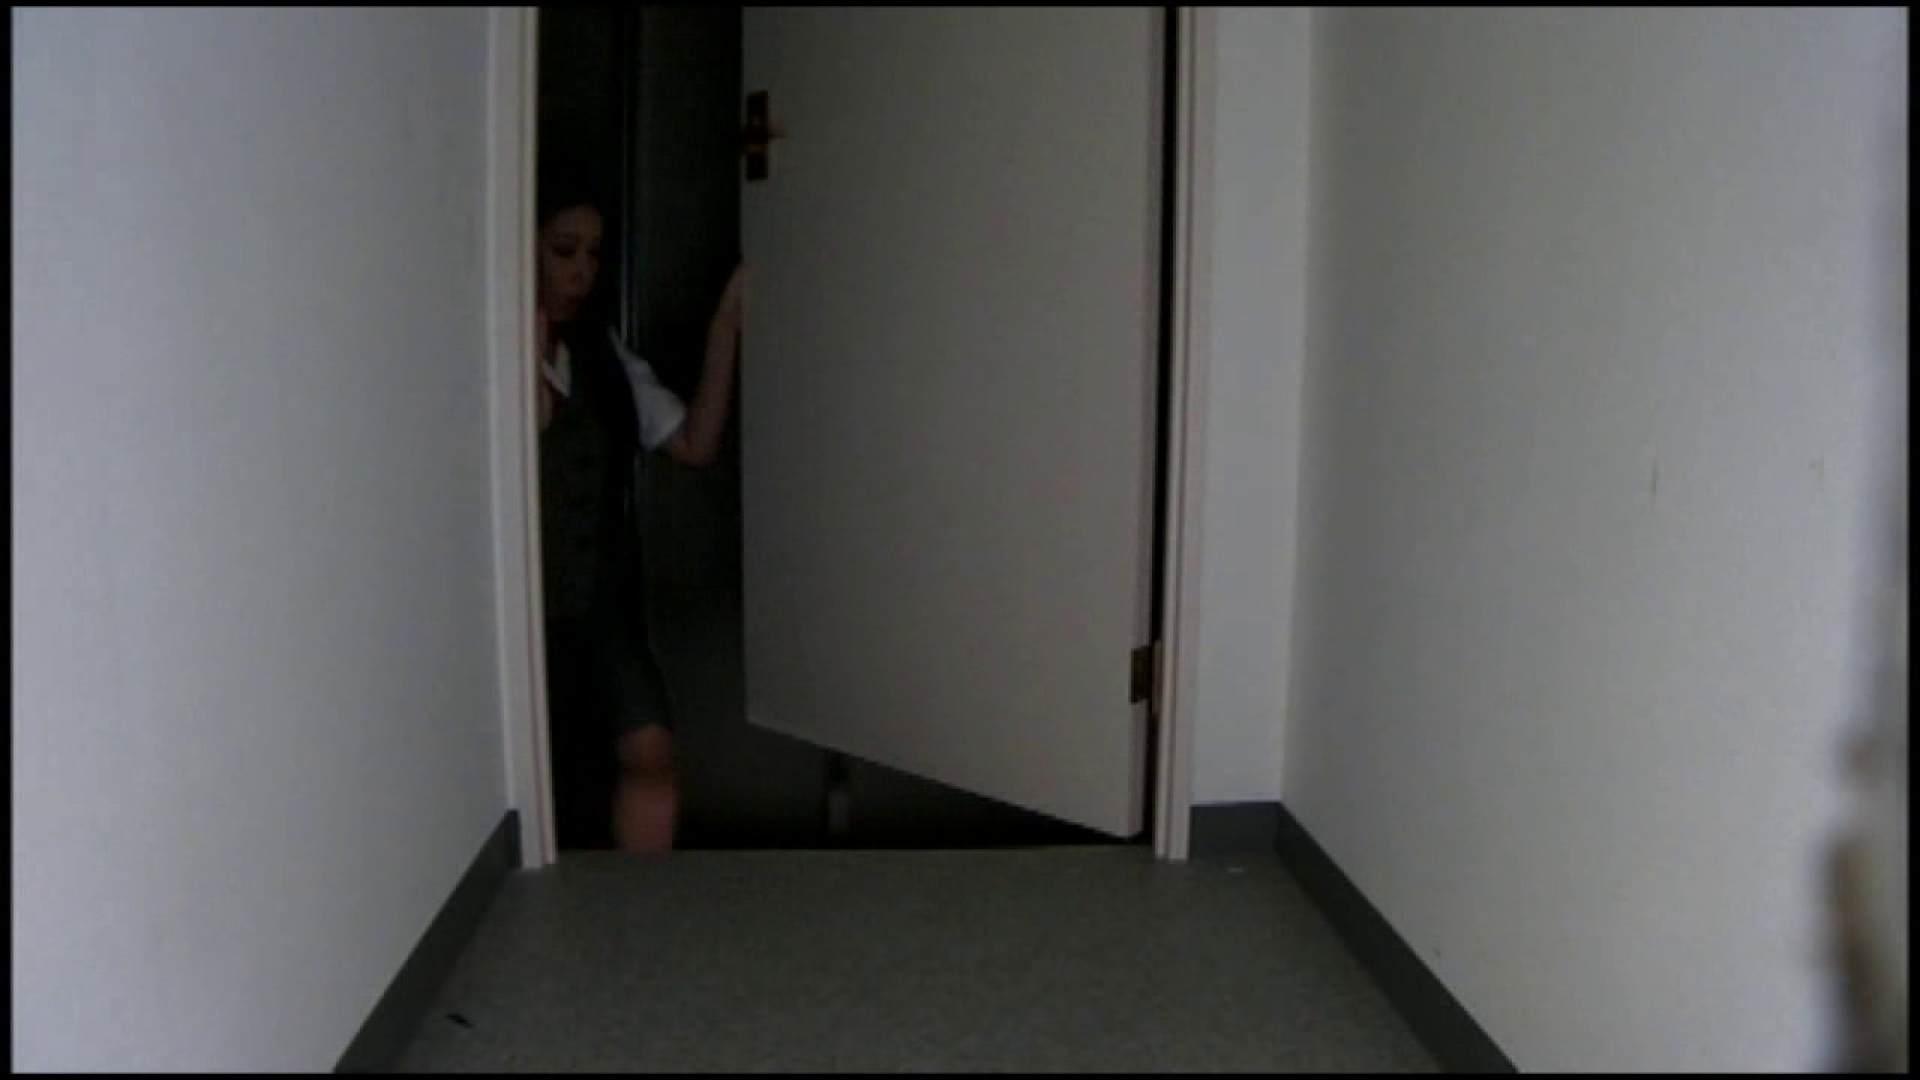 和式にまたがる女たちを待ちうけるカメラの衝撃映像vol.01 厠隠し撮り AV動画キャプチャ 106pic 22